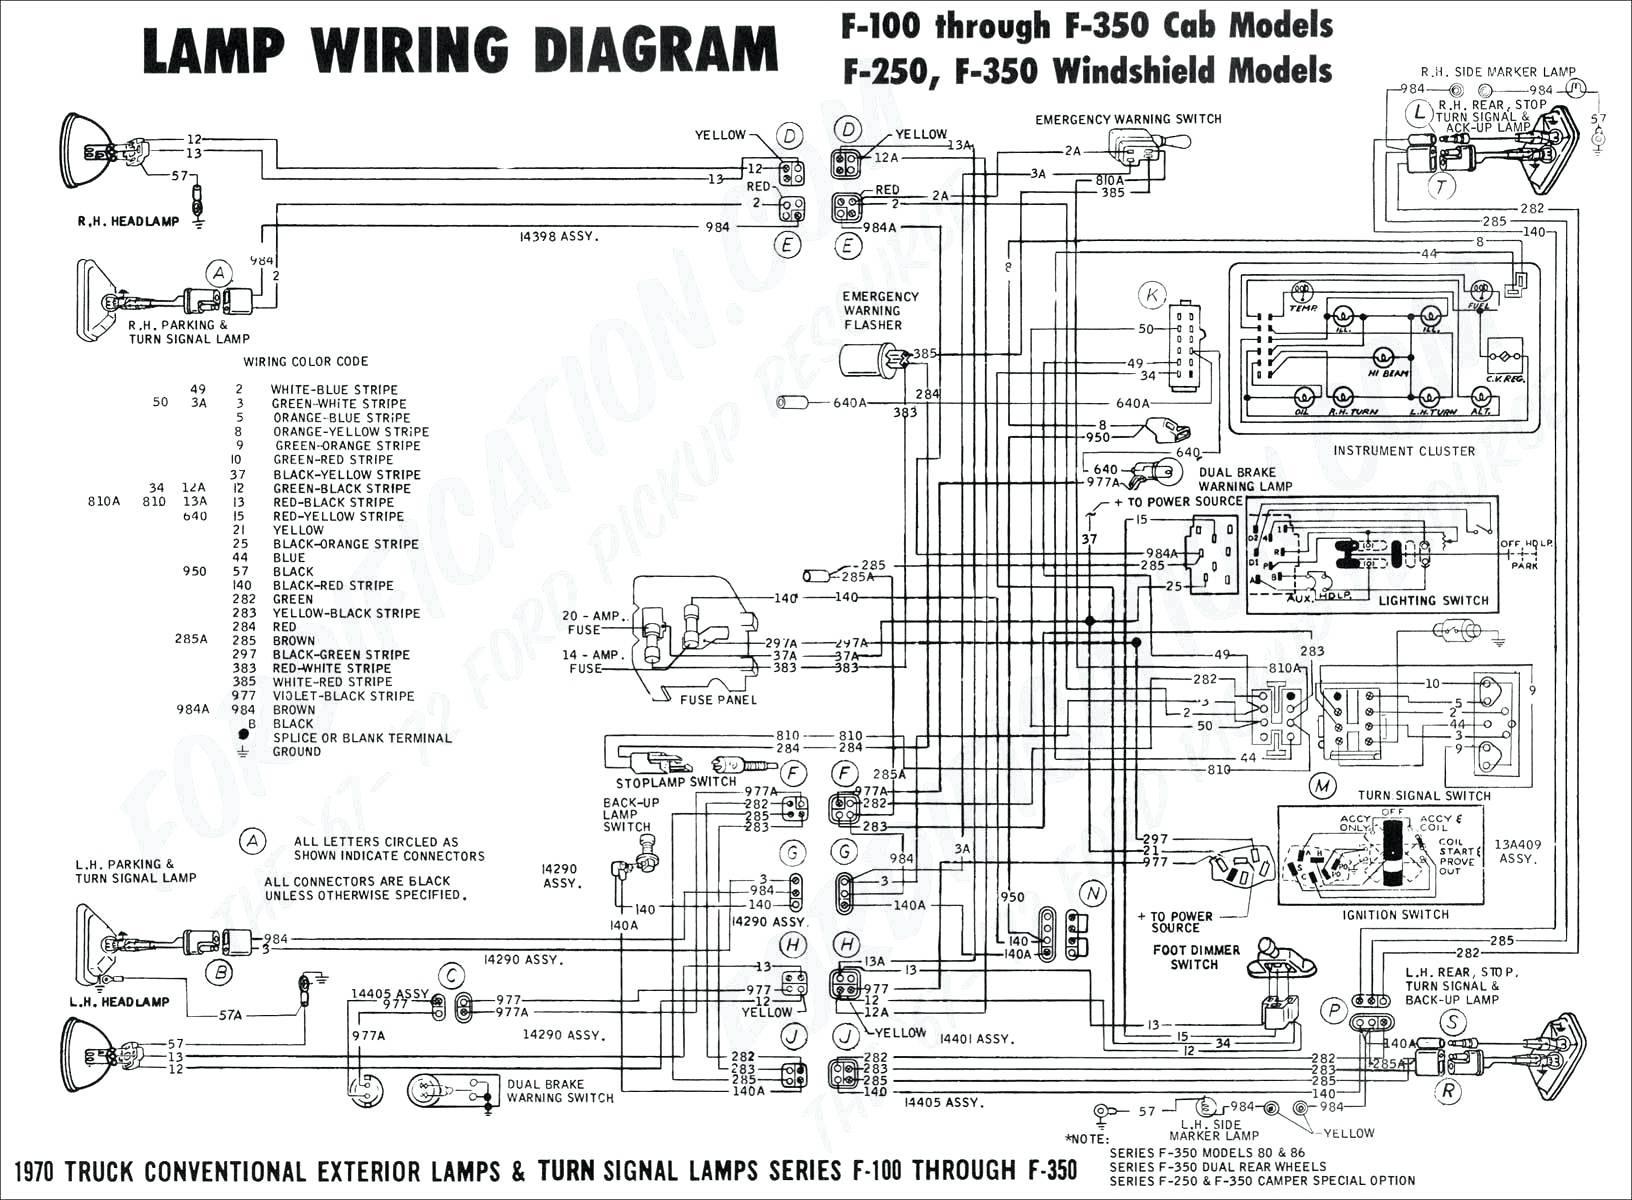 wiring diagram additionally semi 7 pin trailer plug wiring diagram